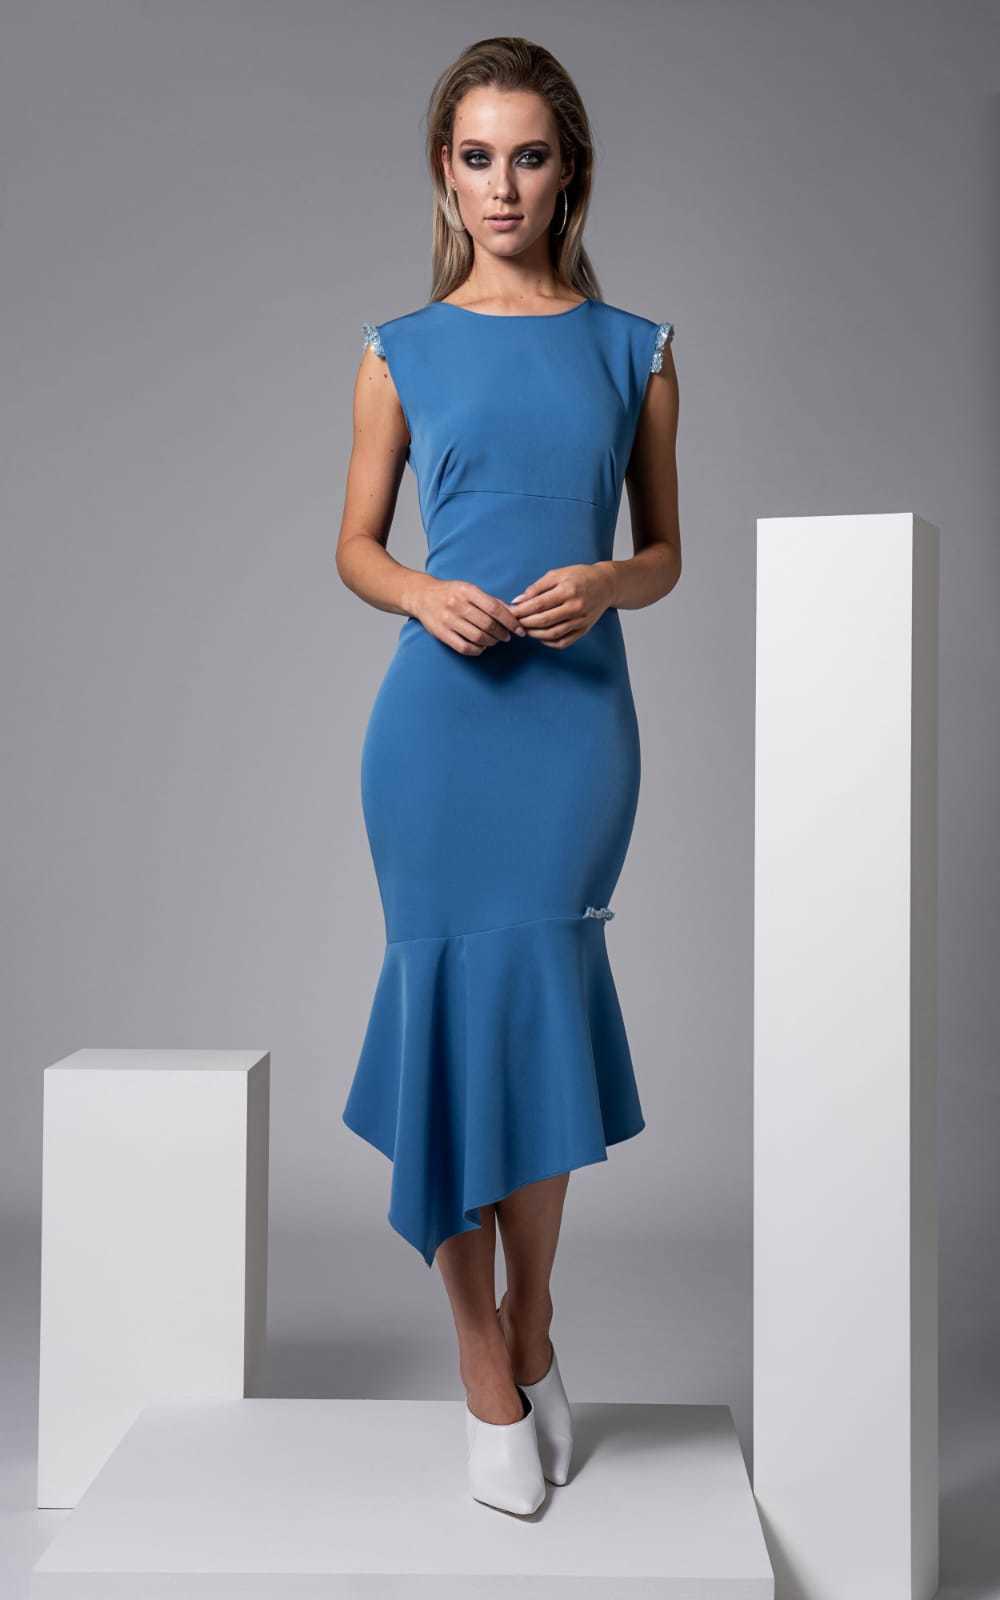 Moor Dress in Blue with Sequin trim CARKKSISMOOR